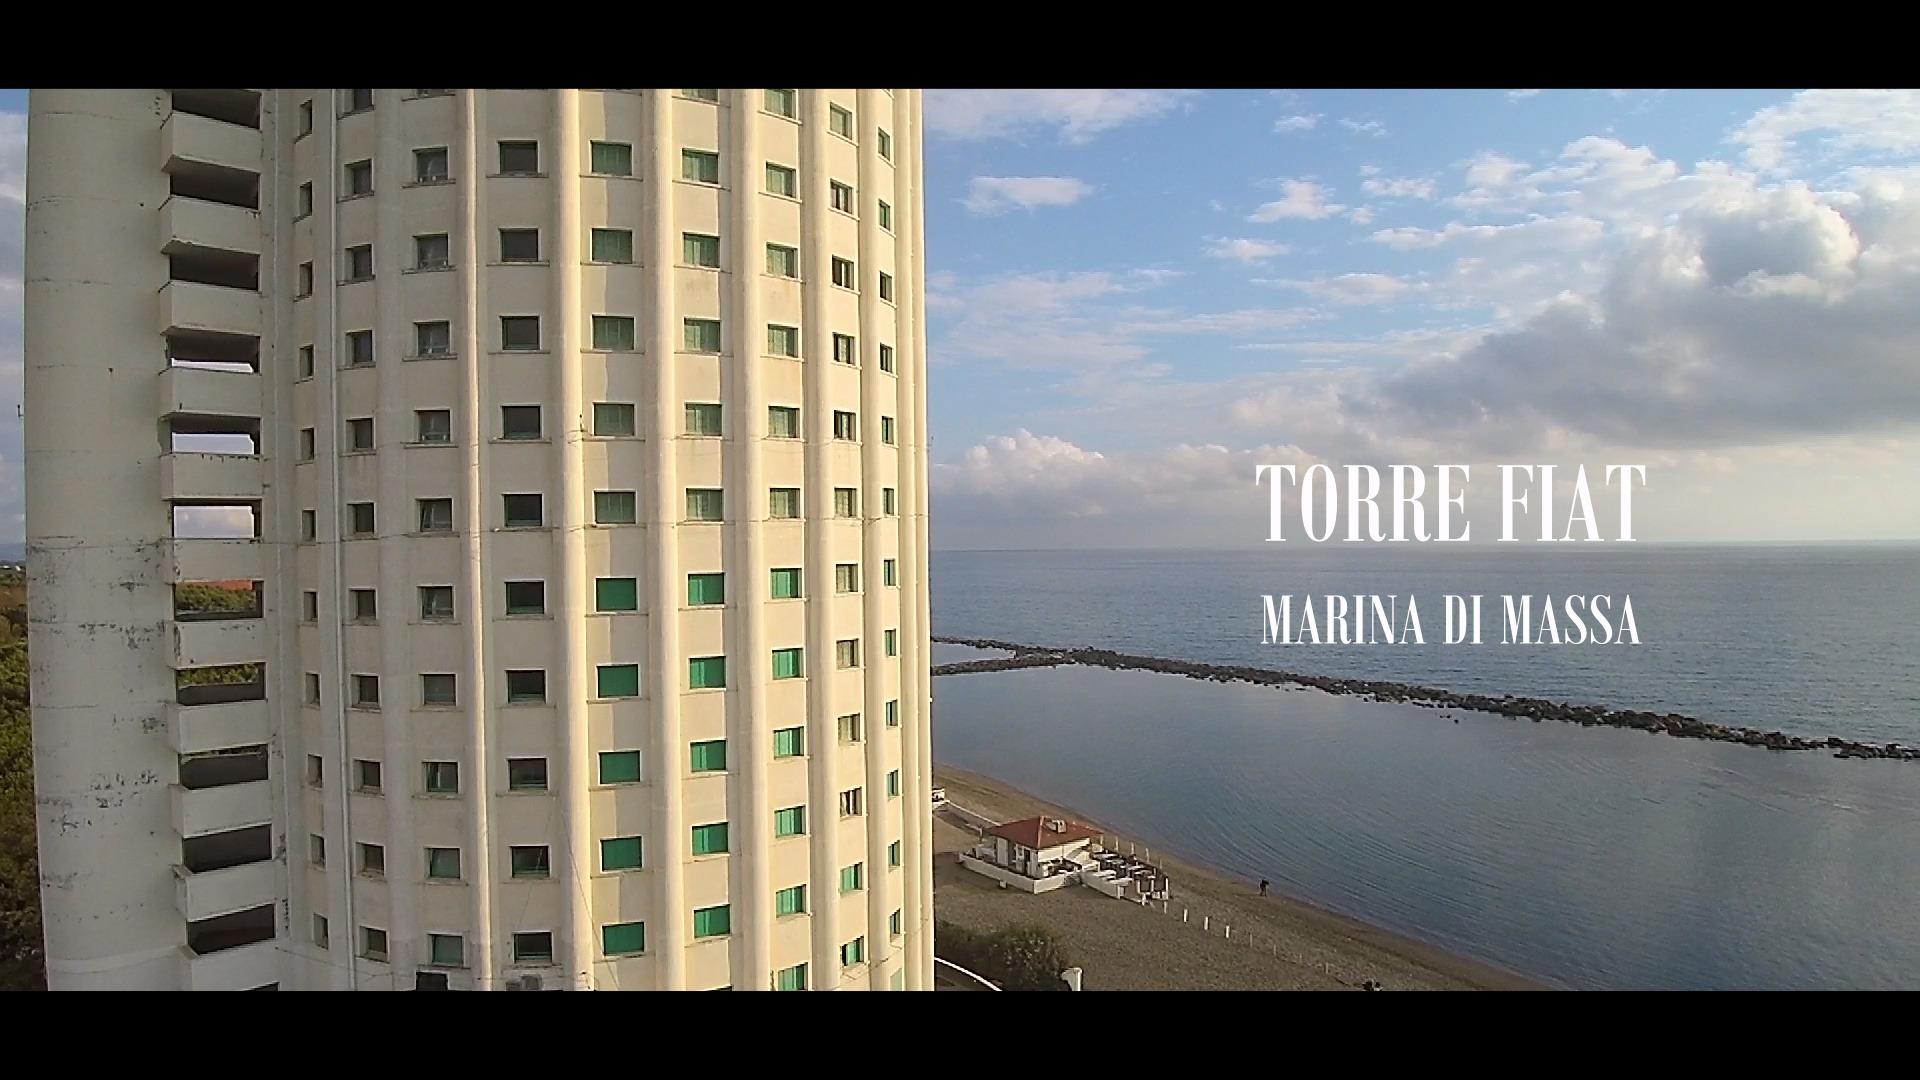 torre fiat @gabriele donati fotografo